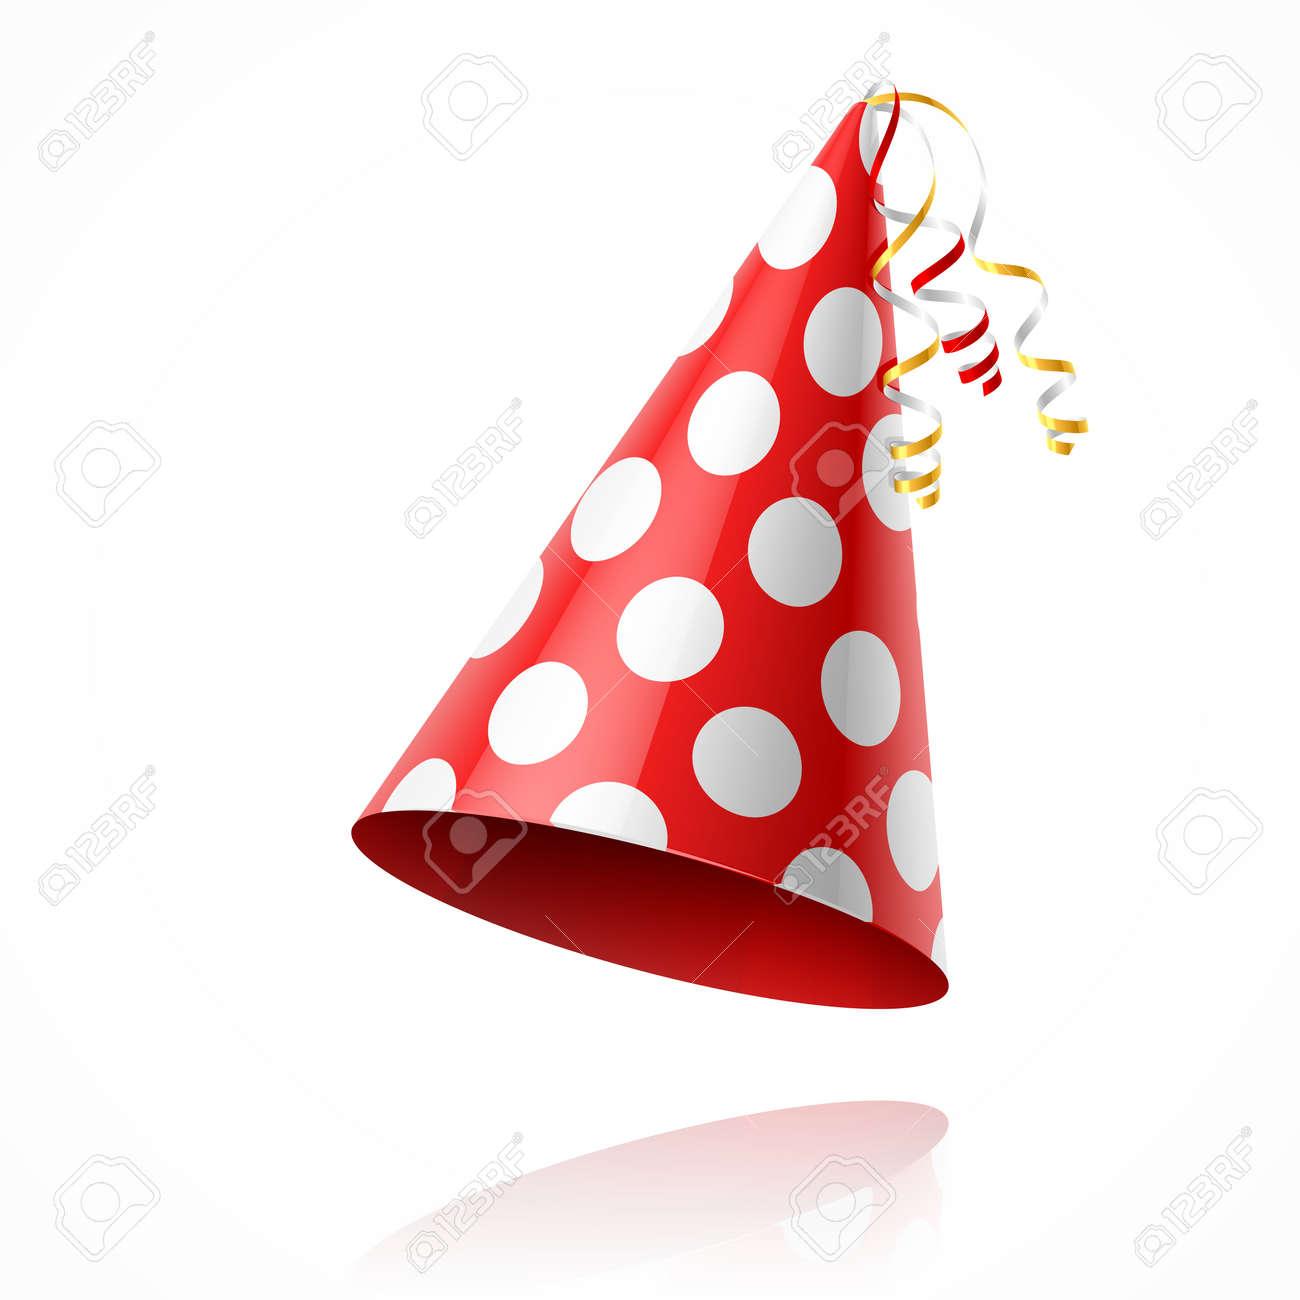 Party hat - 39630324